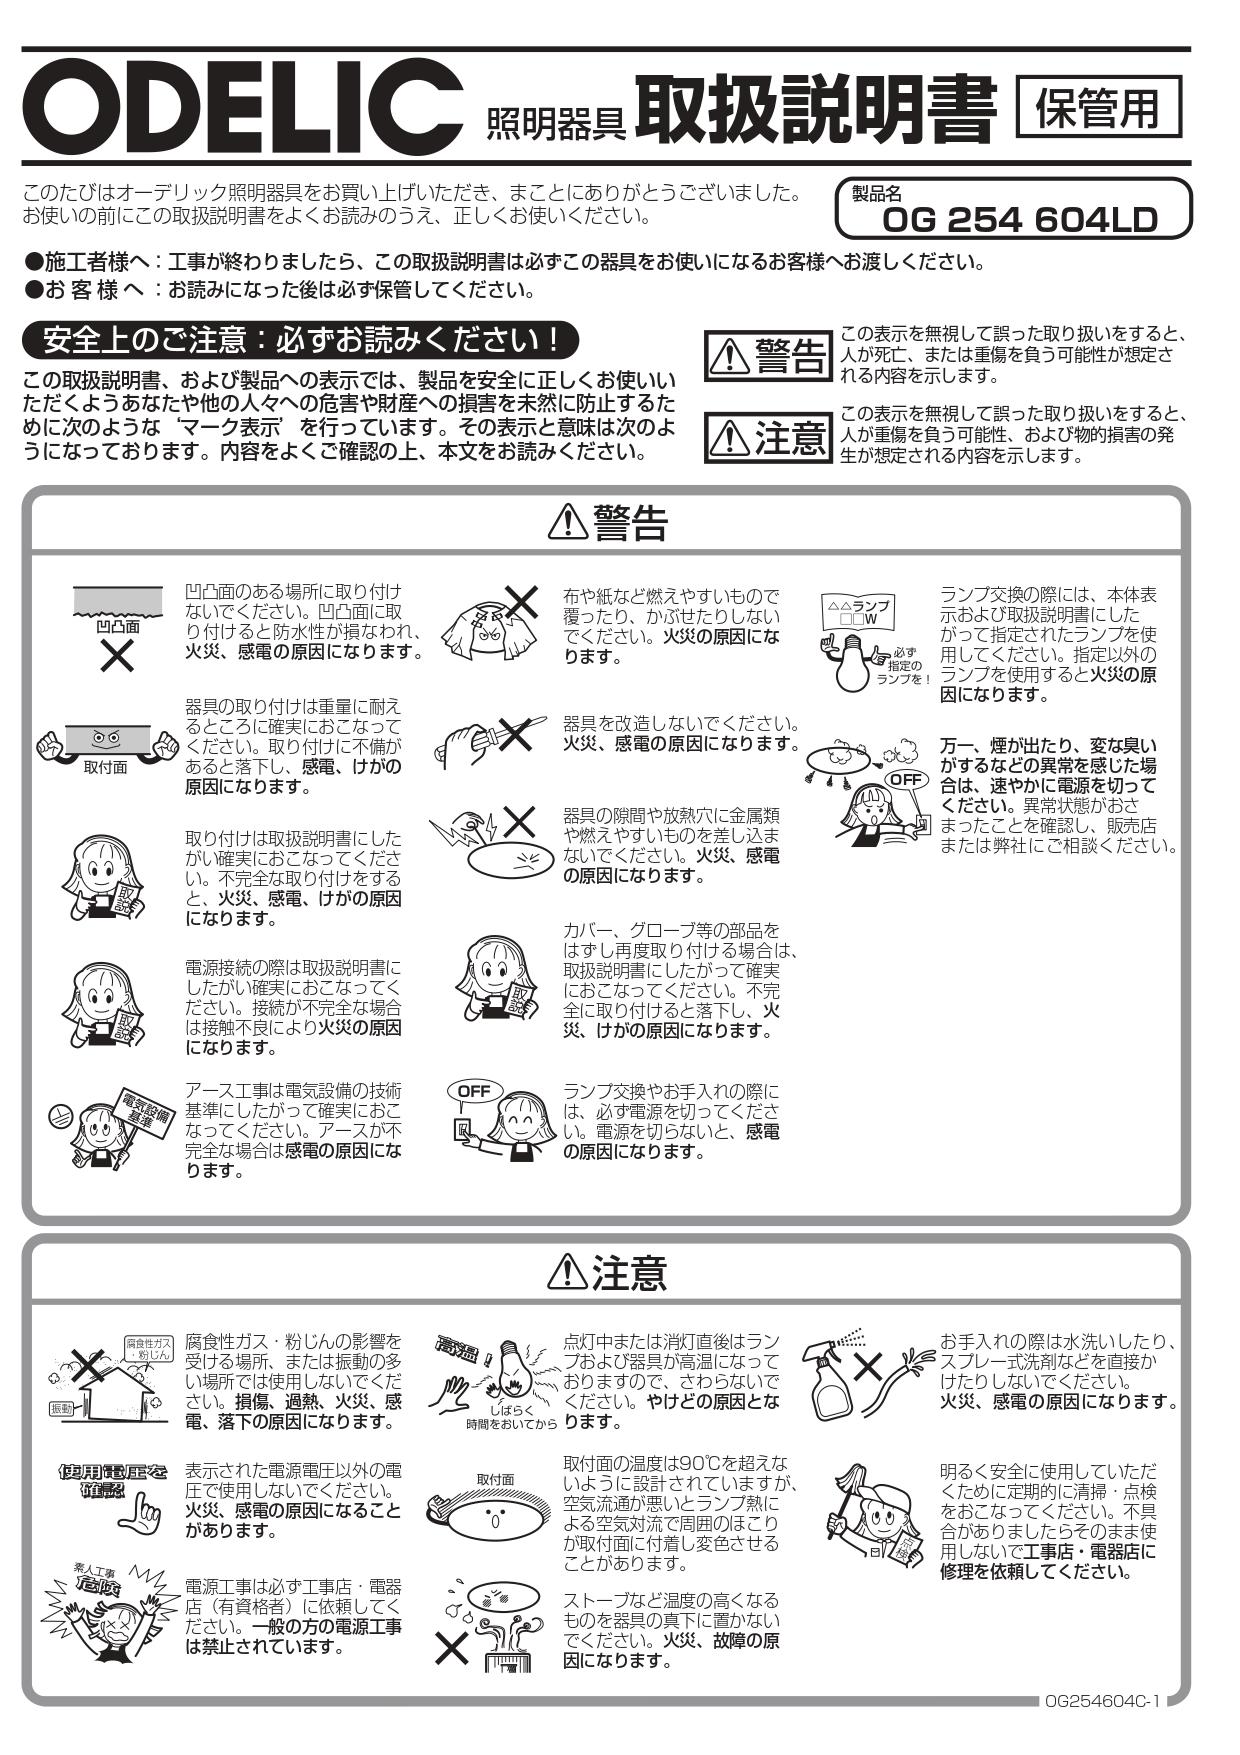 ポージィウォールライトUNOG254604LD_取扱説明書_page-0001